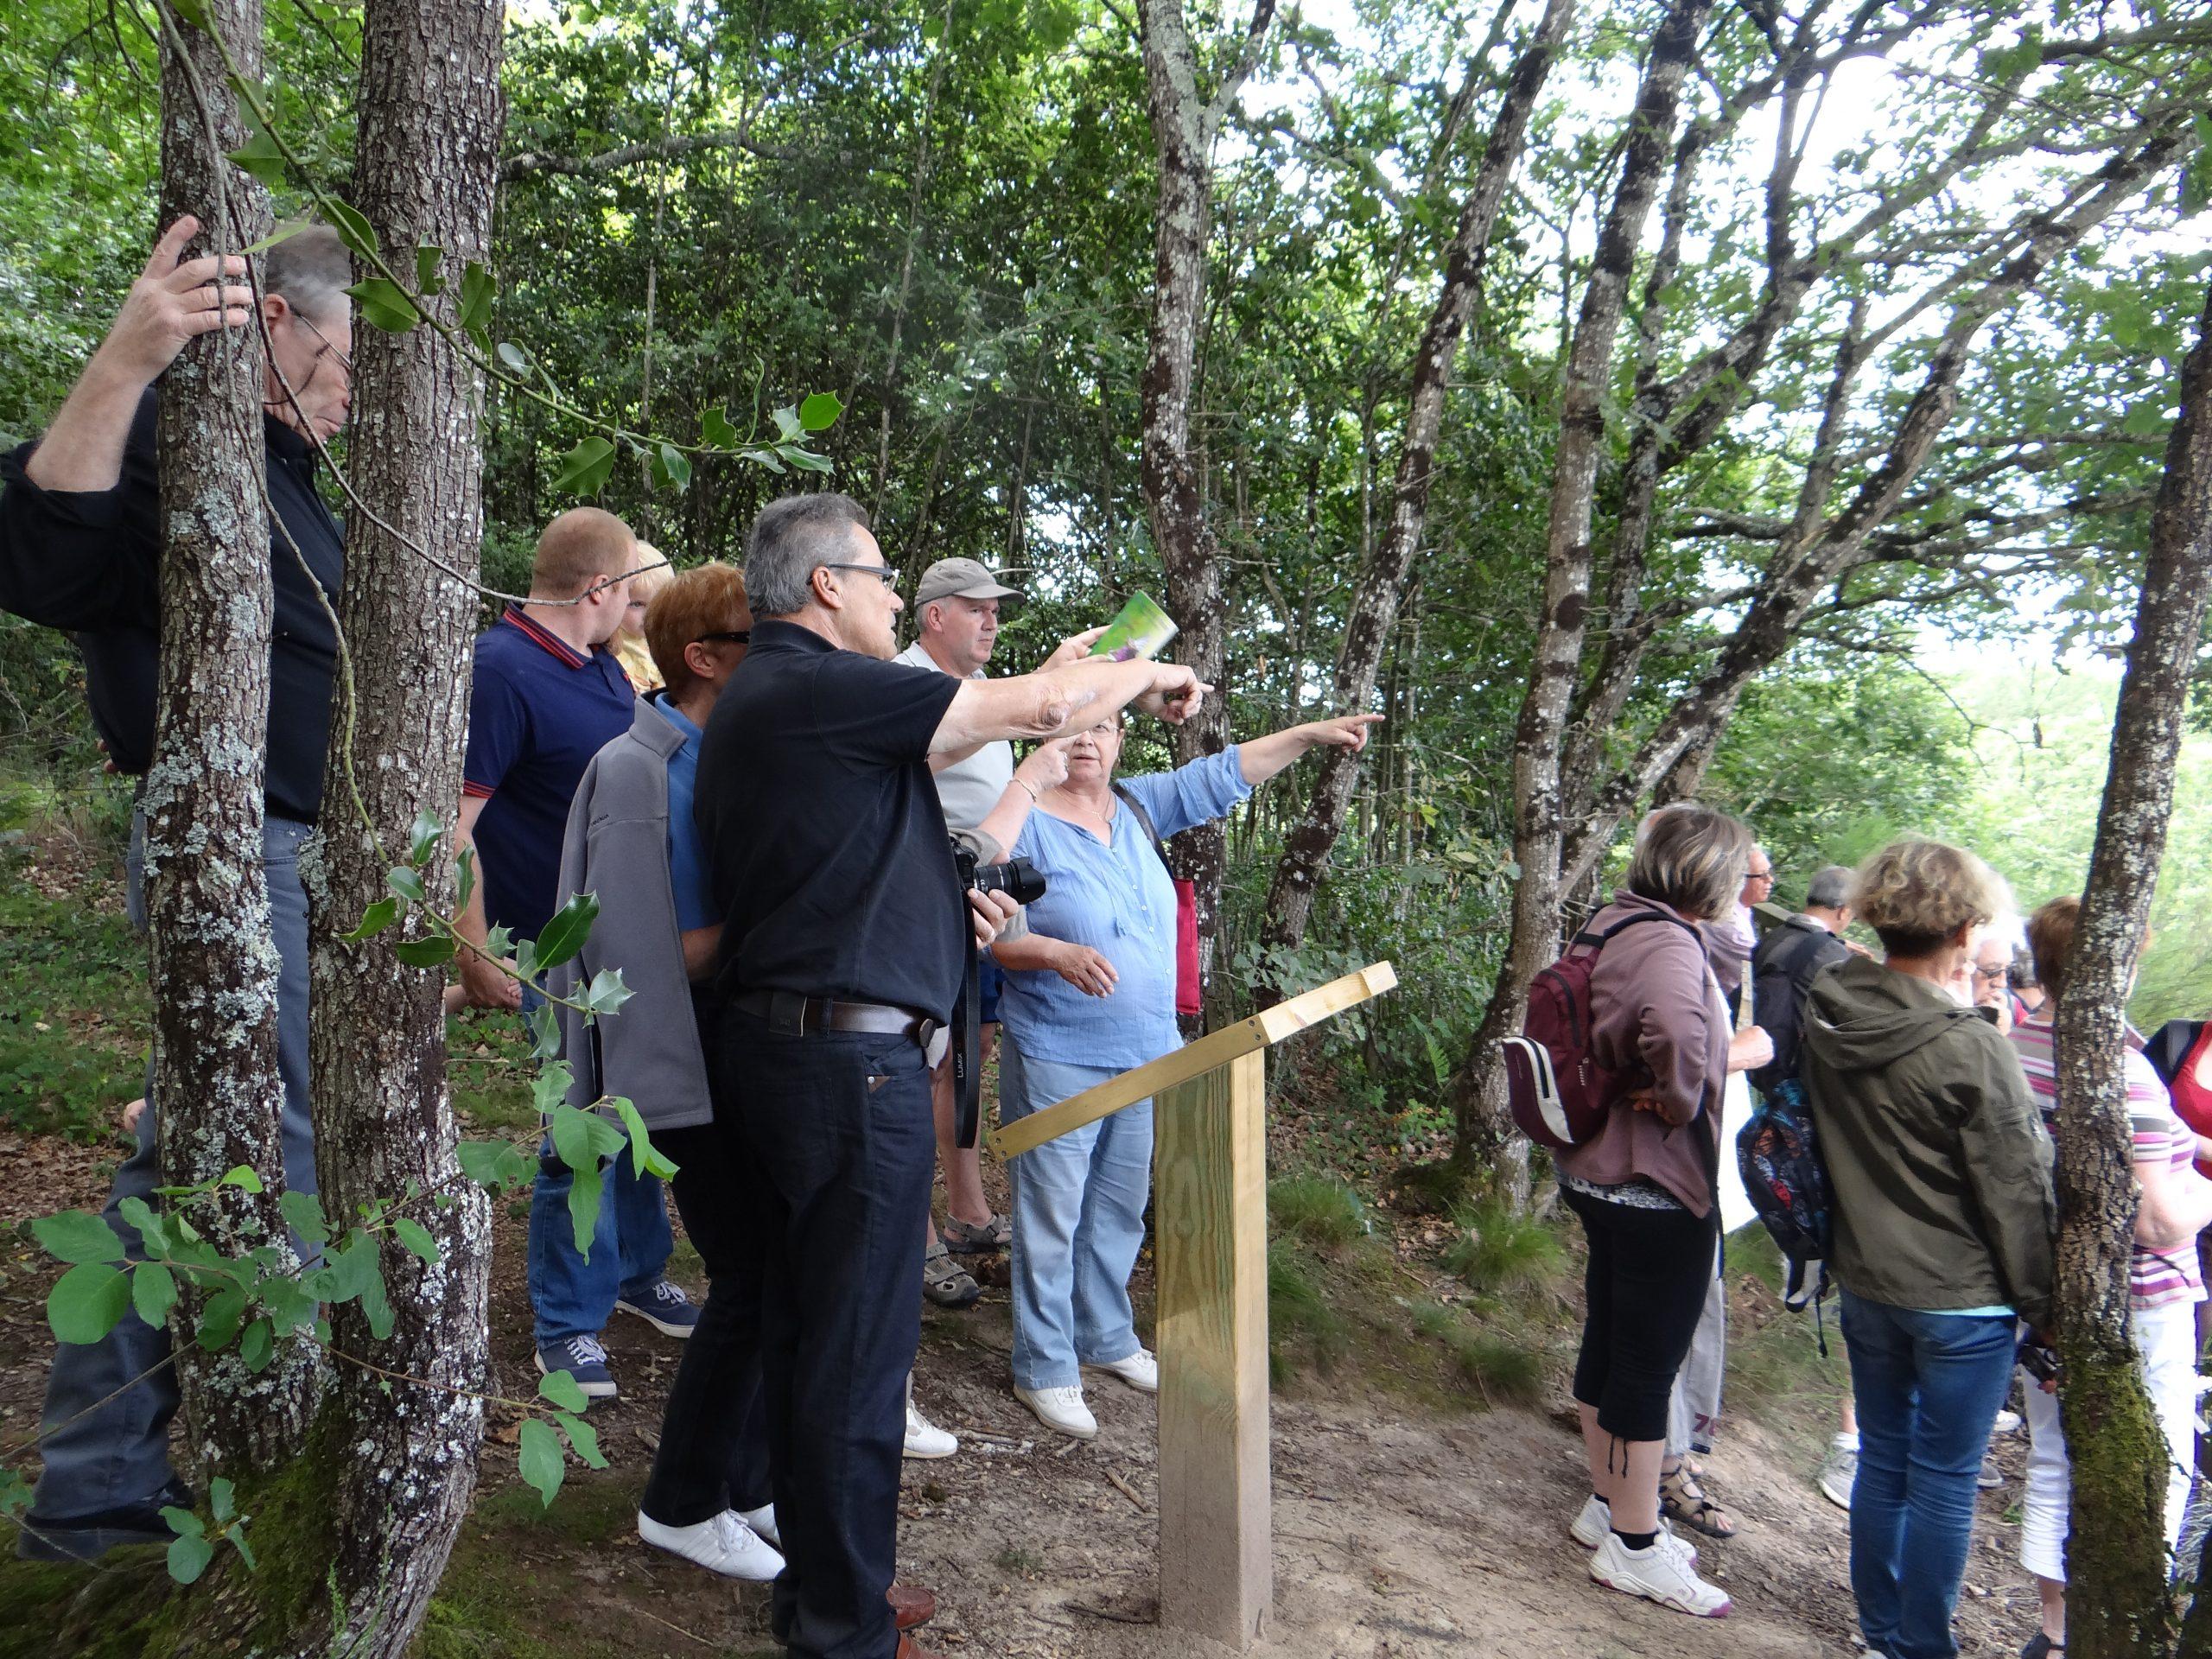 Balade découverte nature commentée : départ 15h Maison des expositions Saulgé